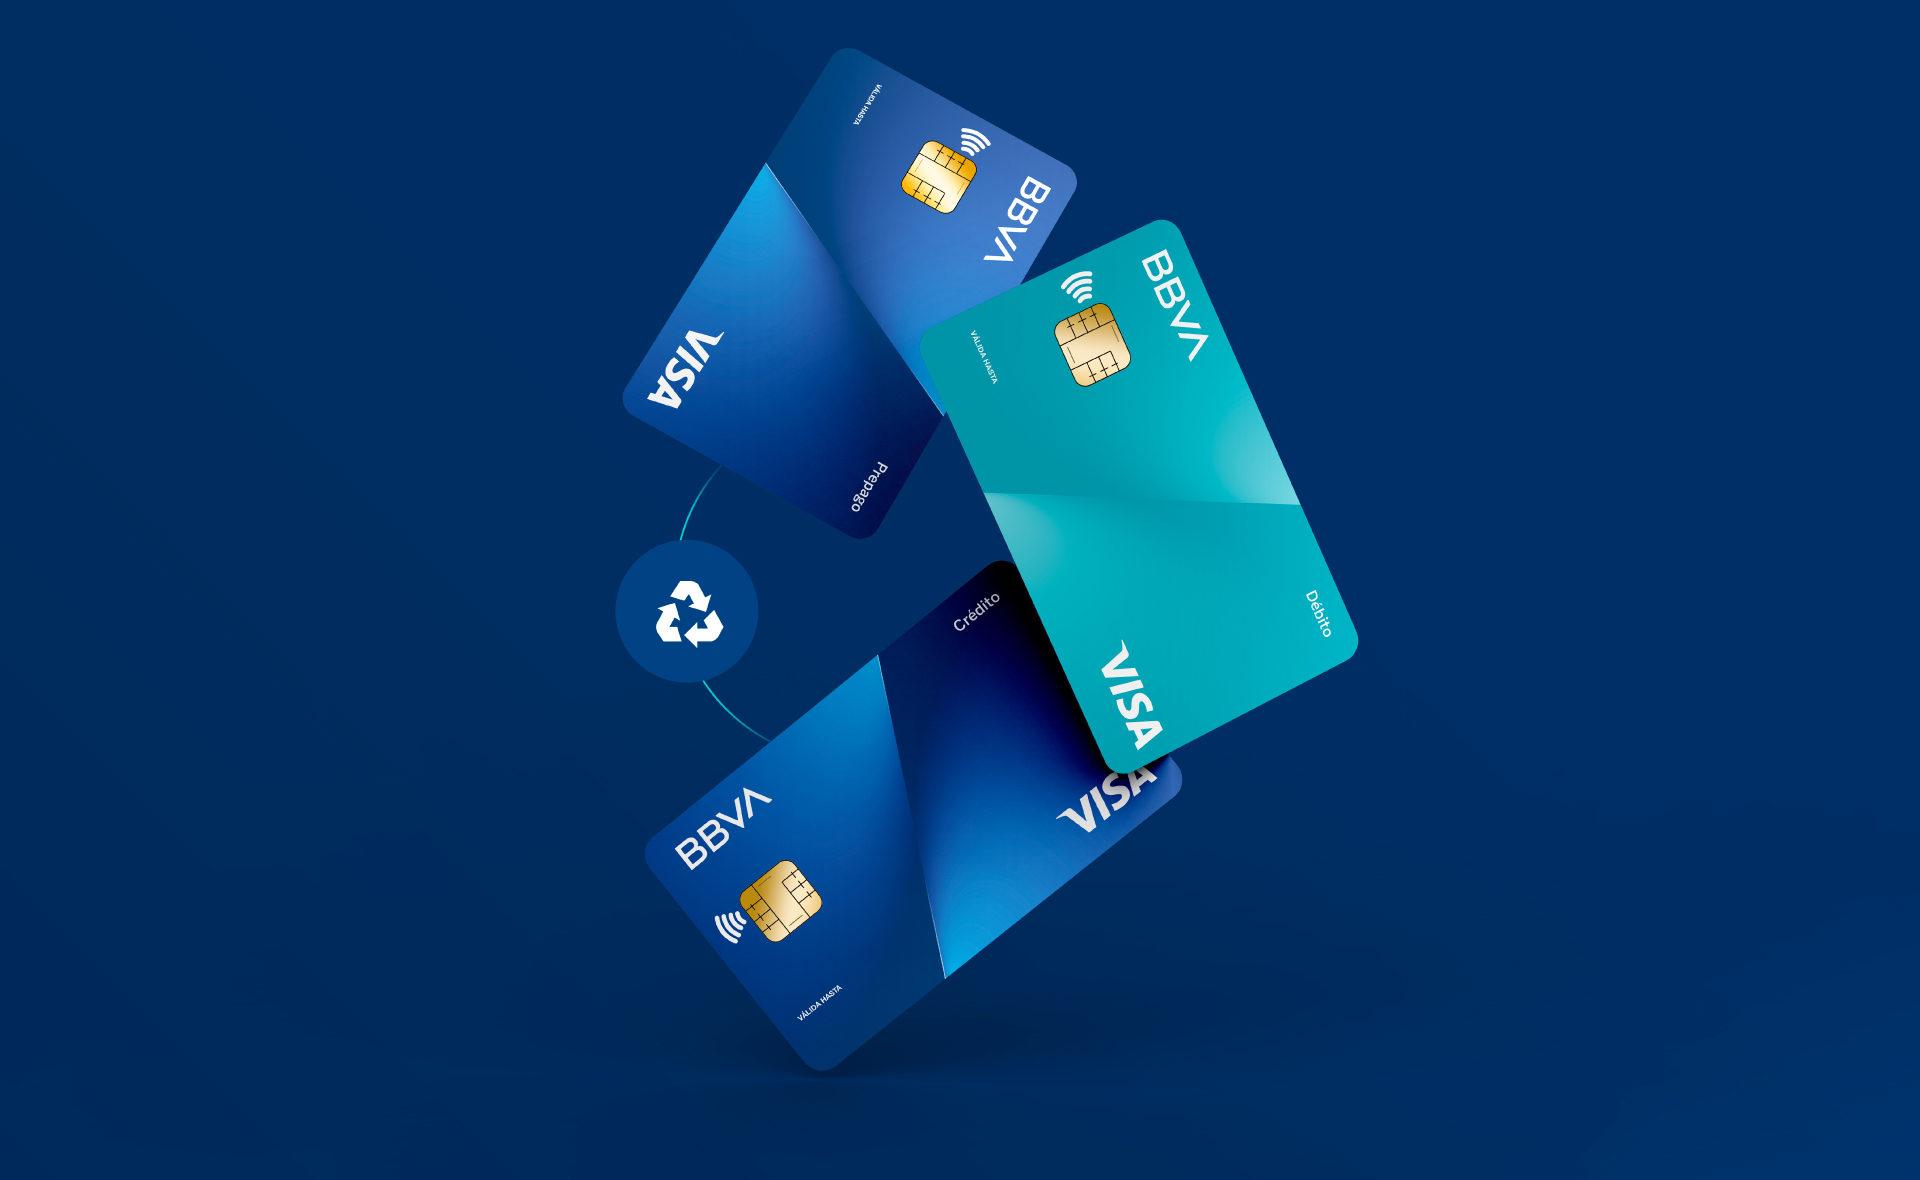 BBVA nueva generación de tarjetas de crédito sustentables